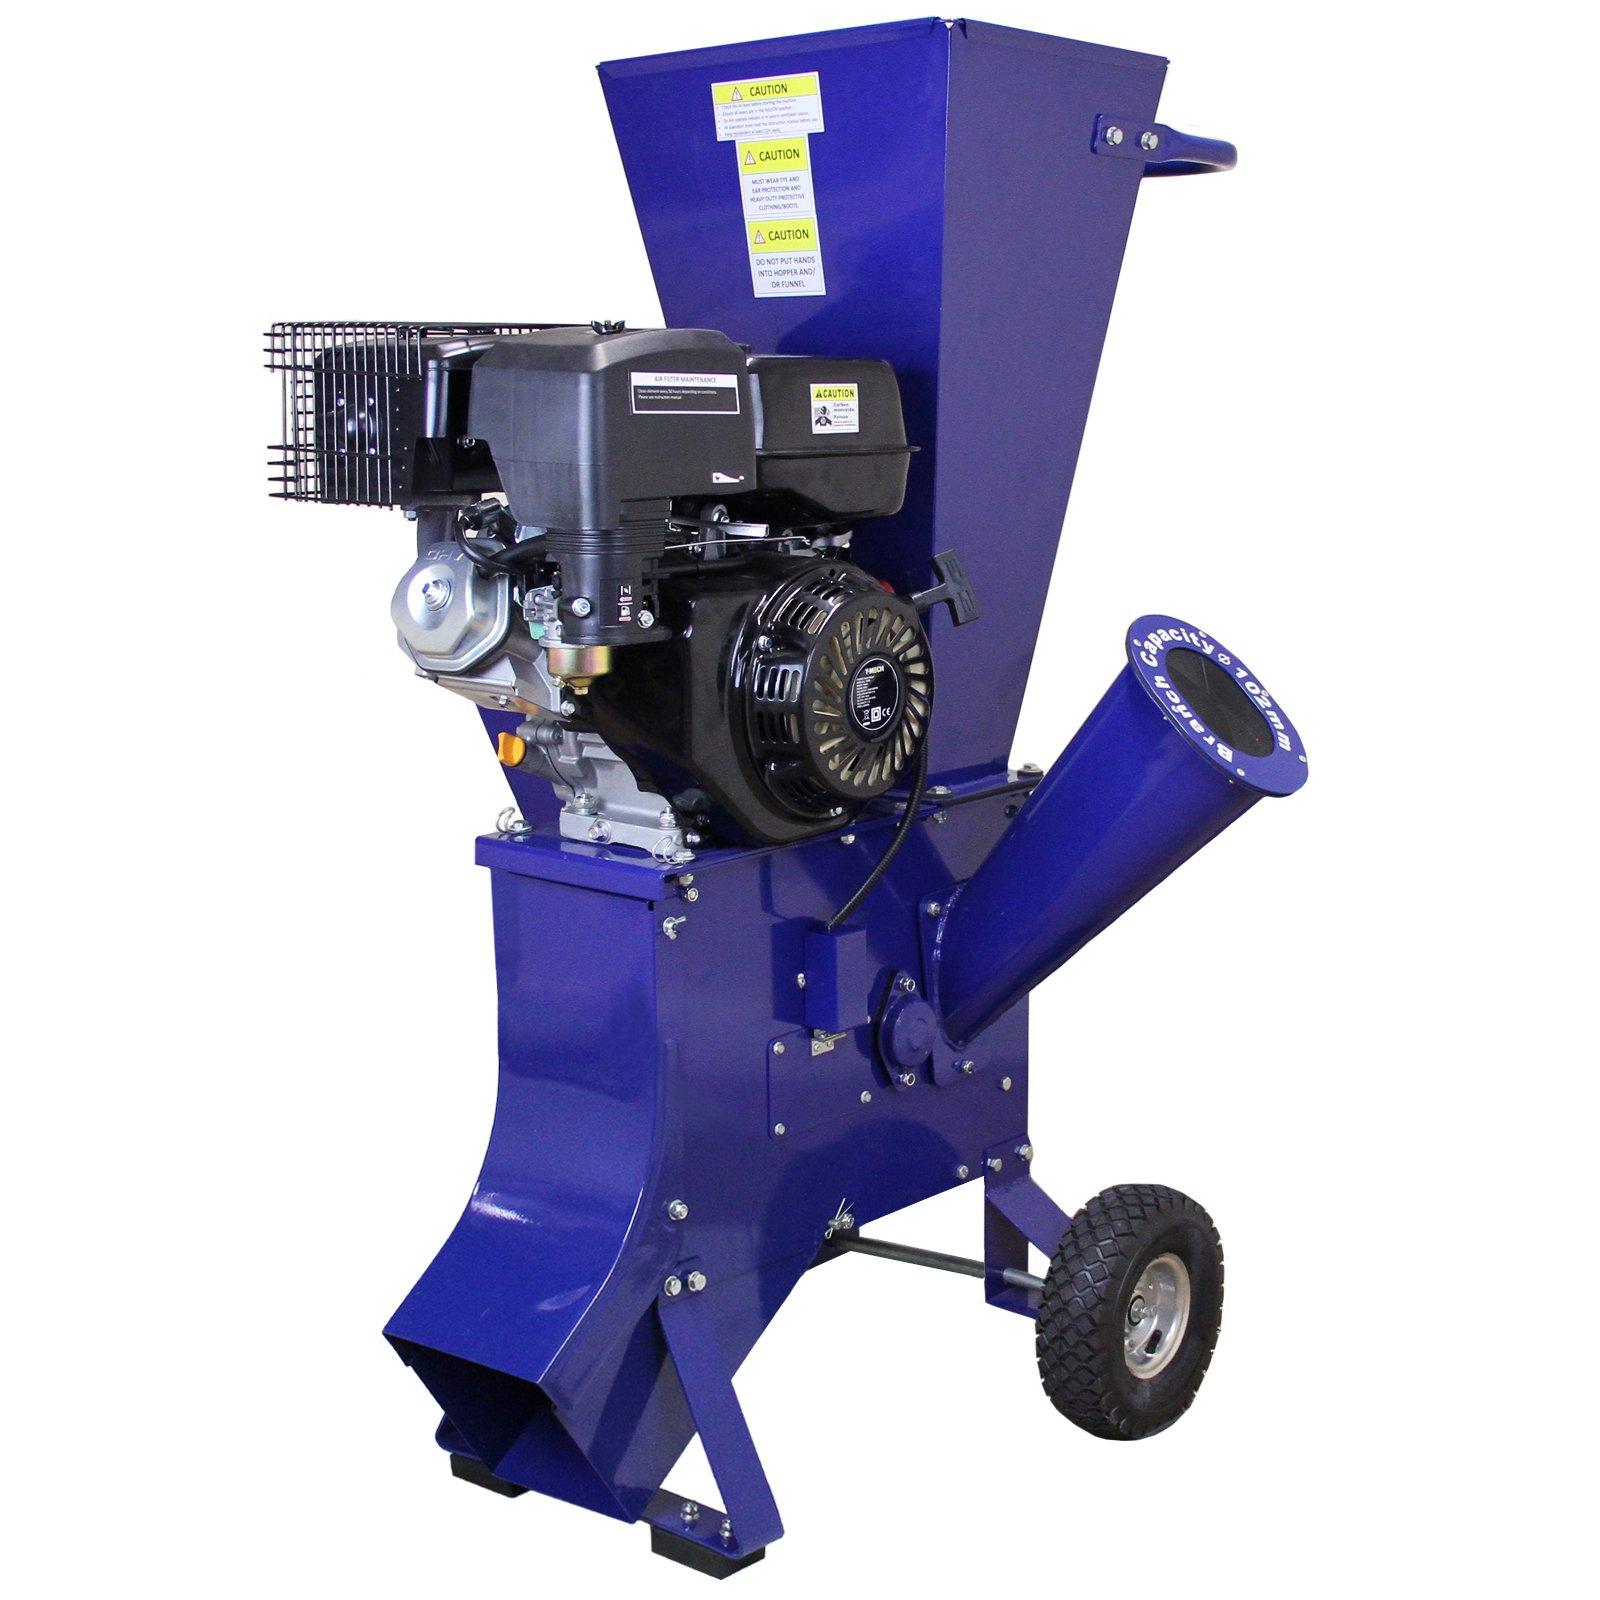 T-Mech-15-PS-4-Takt-420cc-Motorhcksler-Benzinhcksler-Gartenhcksler-Gartenhacker-Holzhacker-Holzhcksler-Gartenschredder-Schredder-Elektro-Hcksler